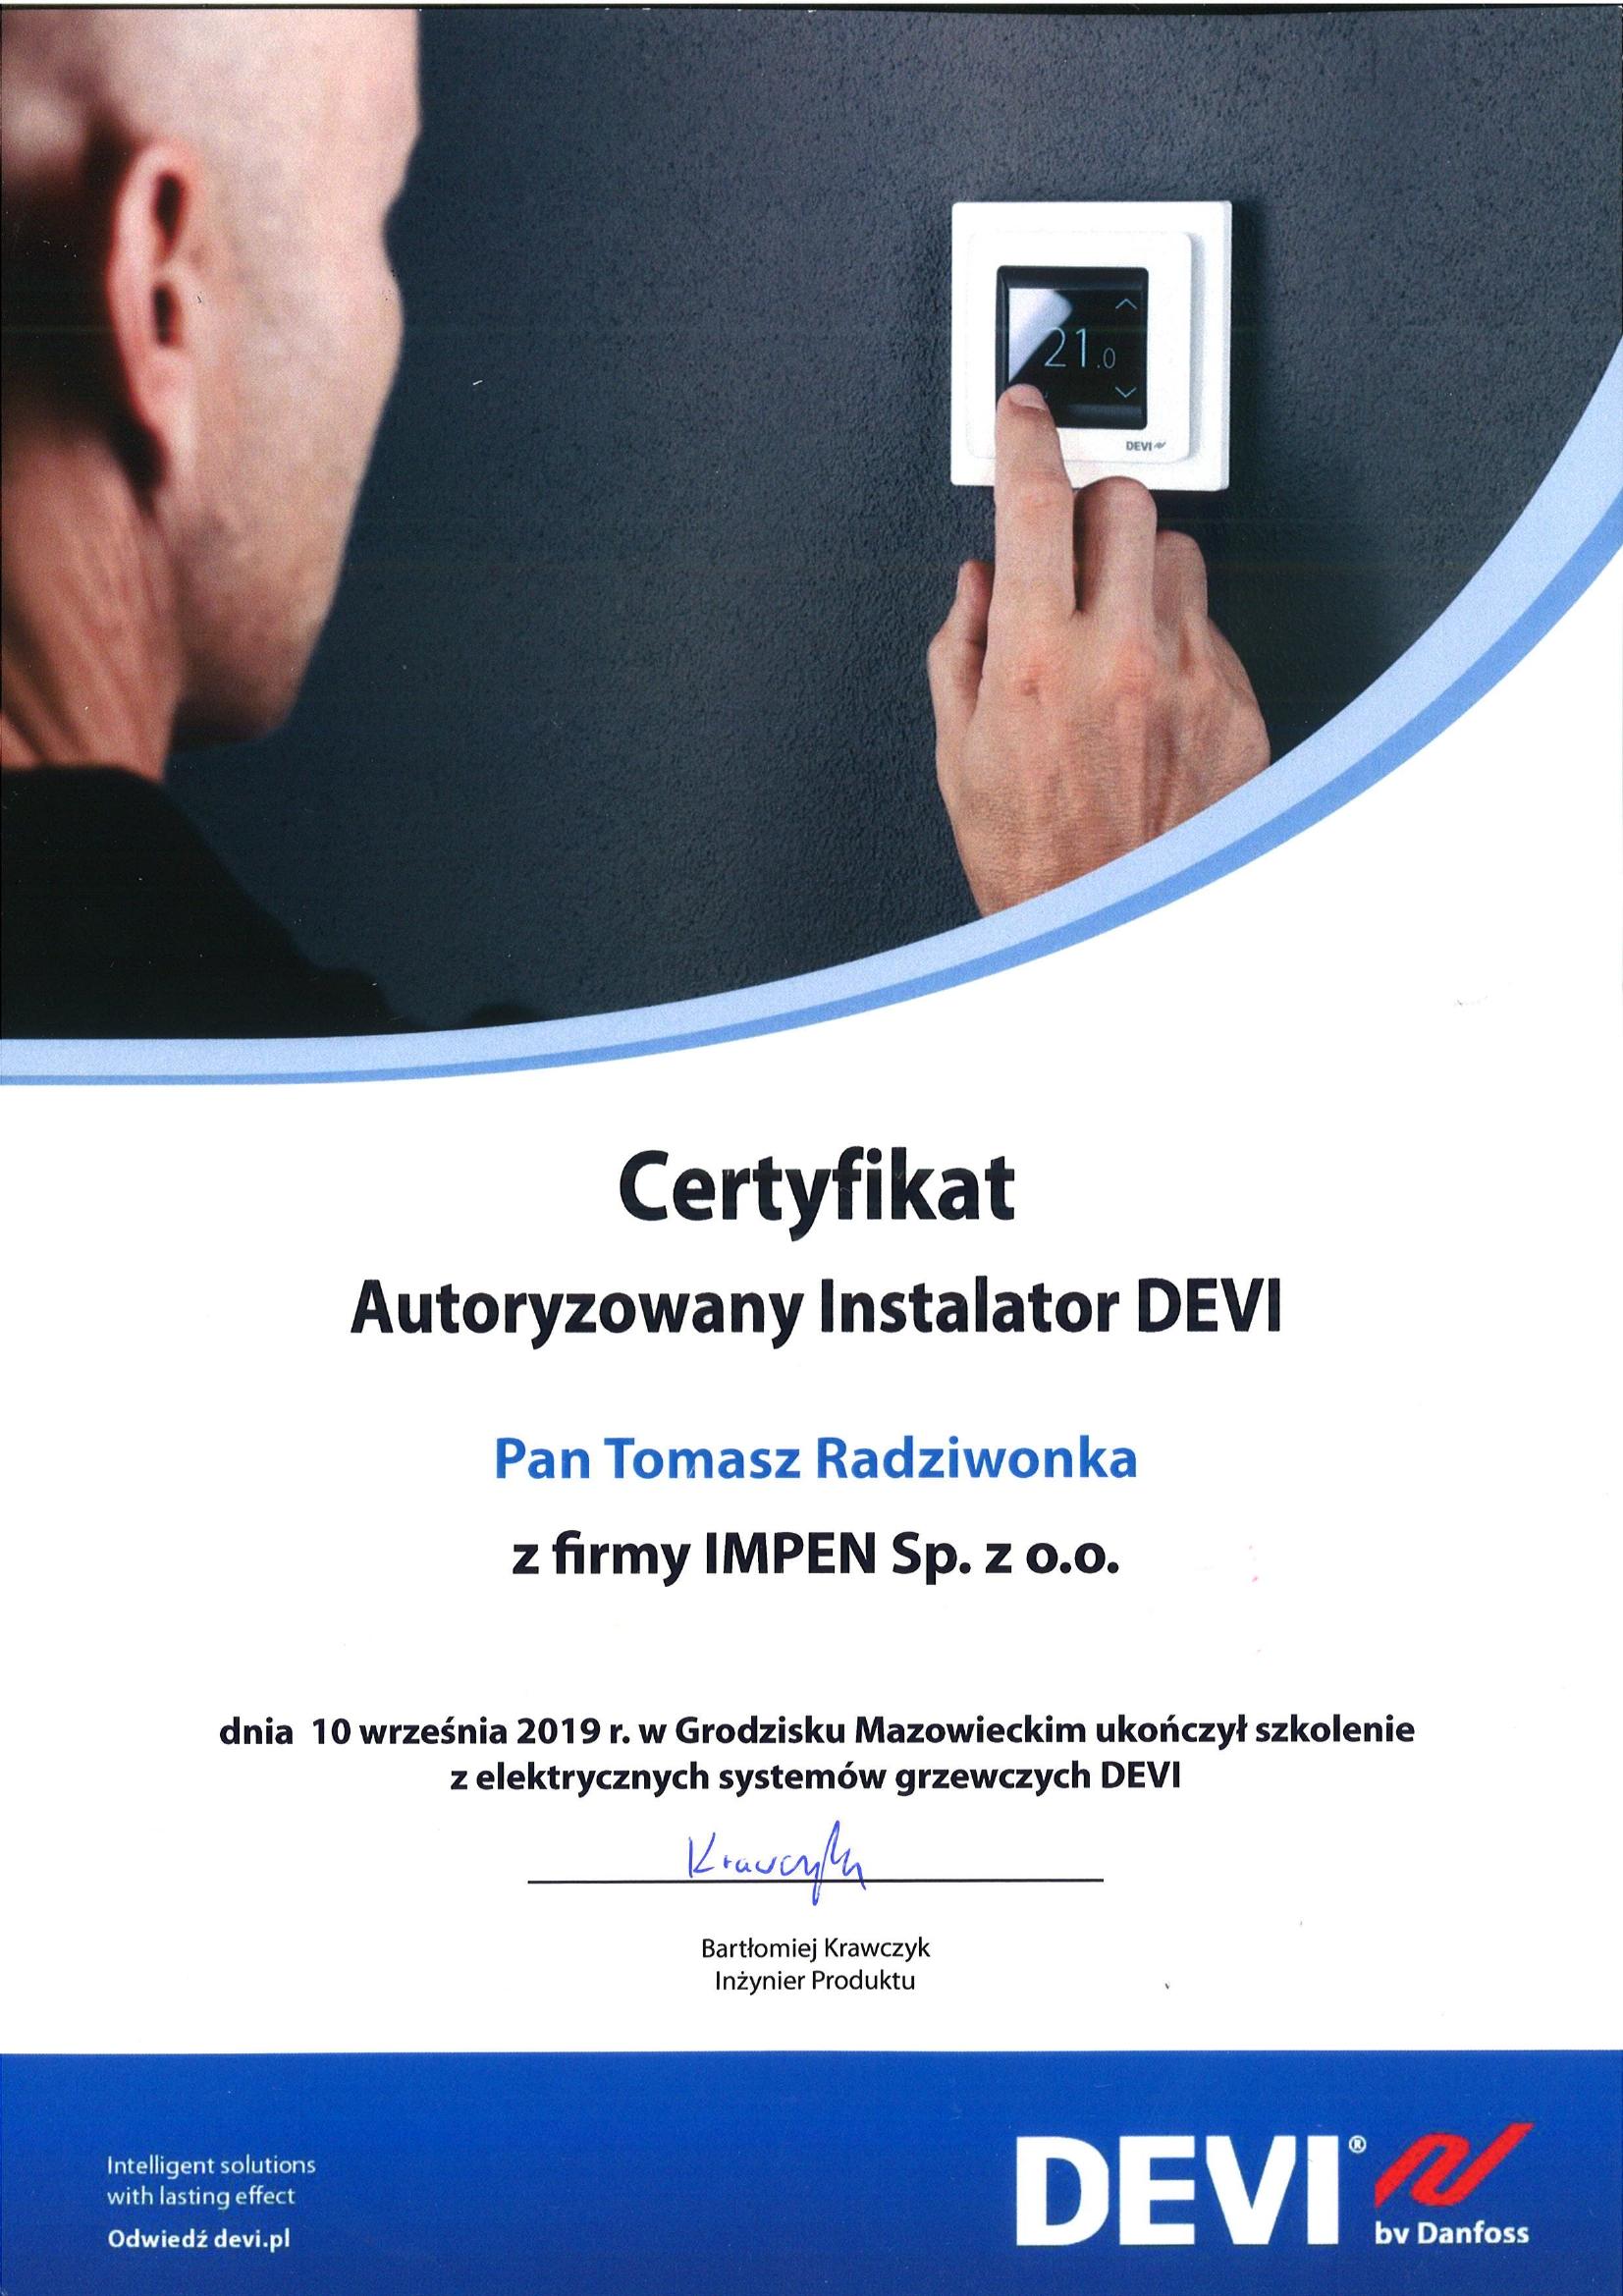 Certyfikat - Autoryzowany Instalator DEVI